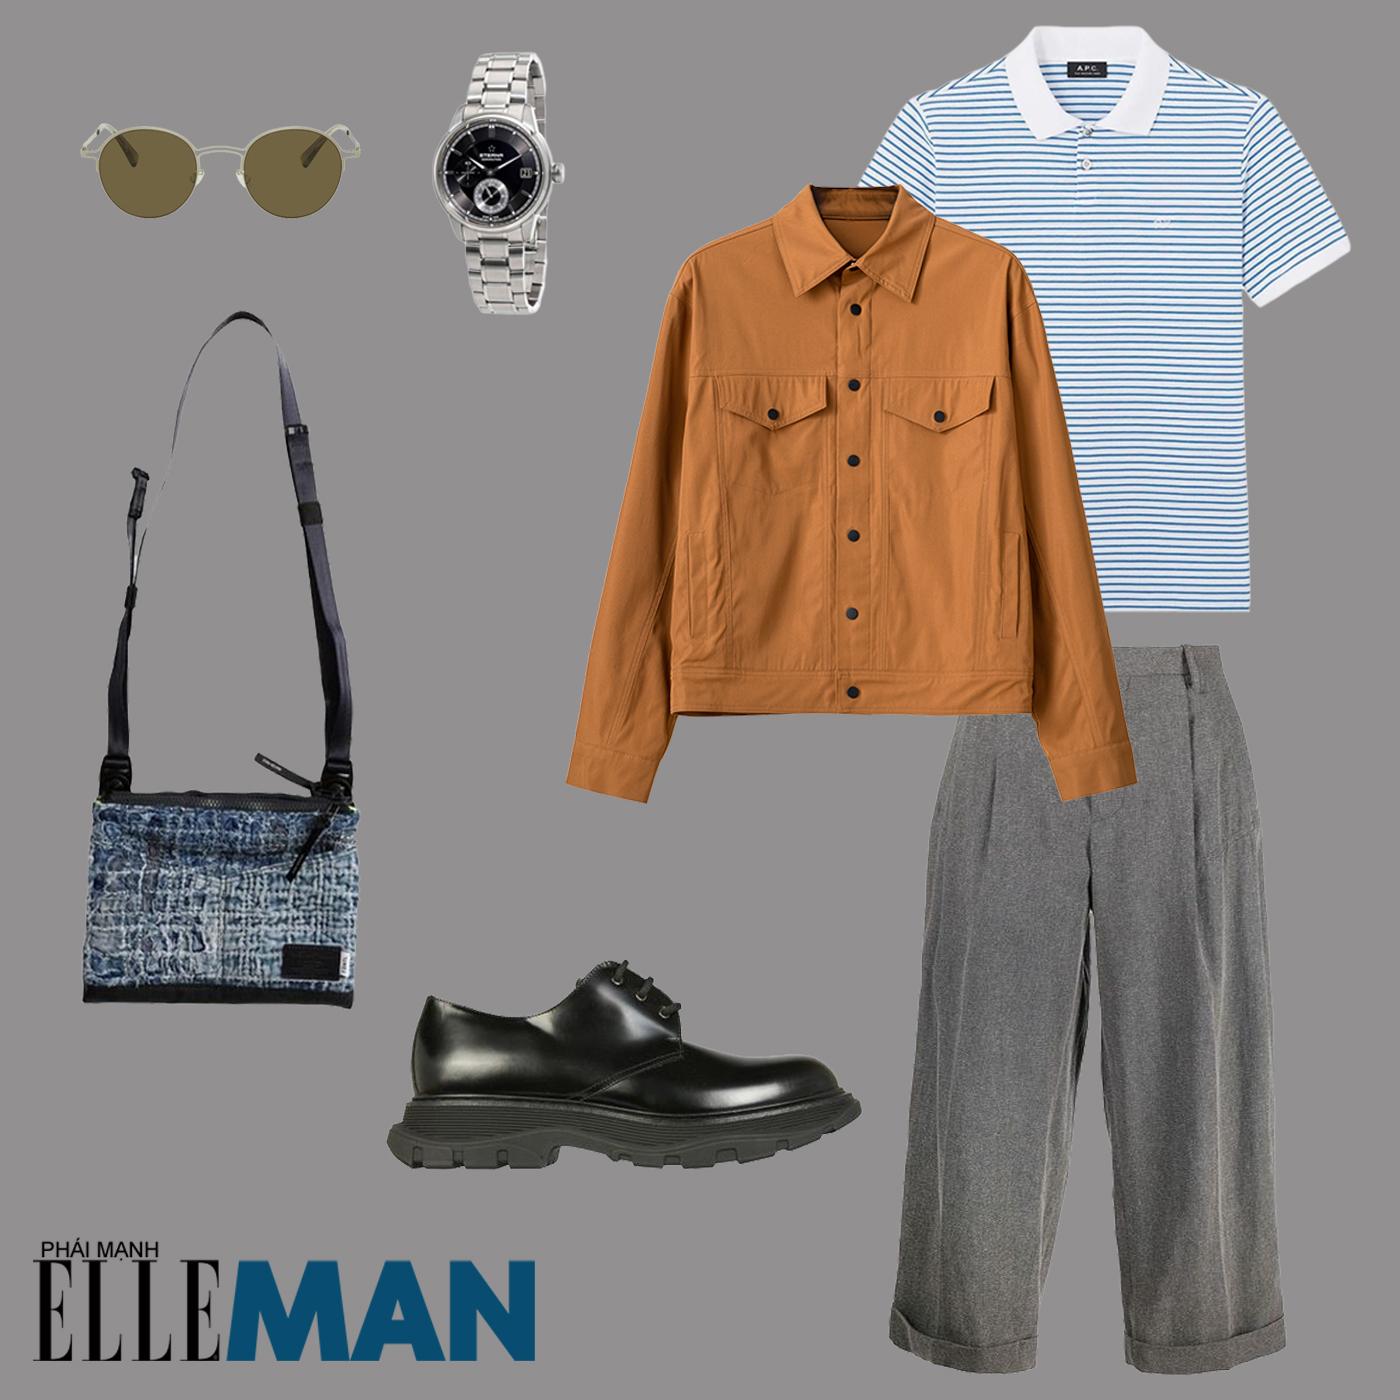 ao ke ngang breton - elle man style calendar - layout outfit 2